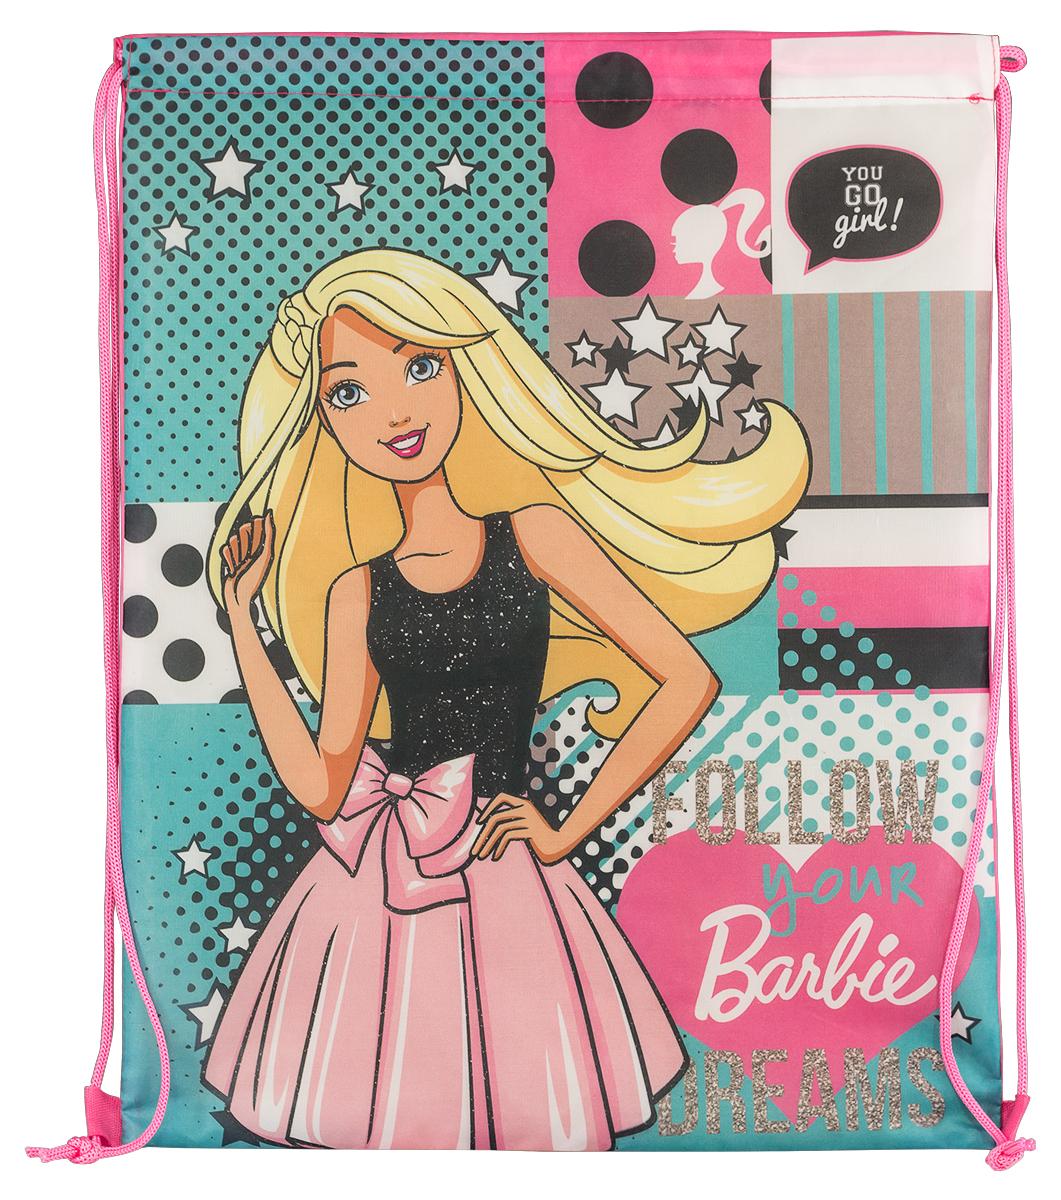 Barbie Мешок для обуви BarbieBRDB-MT1-883Мешок для переноски обуви, выполнен из плотного водостойкого материала, затягивается сверху шнуром-лямкой и носится, как рюкзак. Размер: 43 х 34 х 1 см.